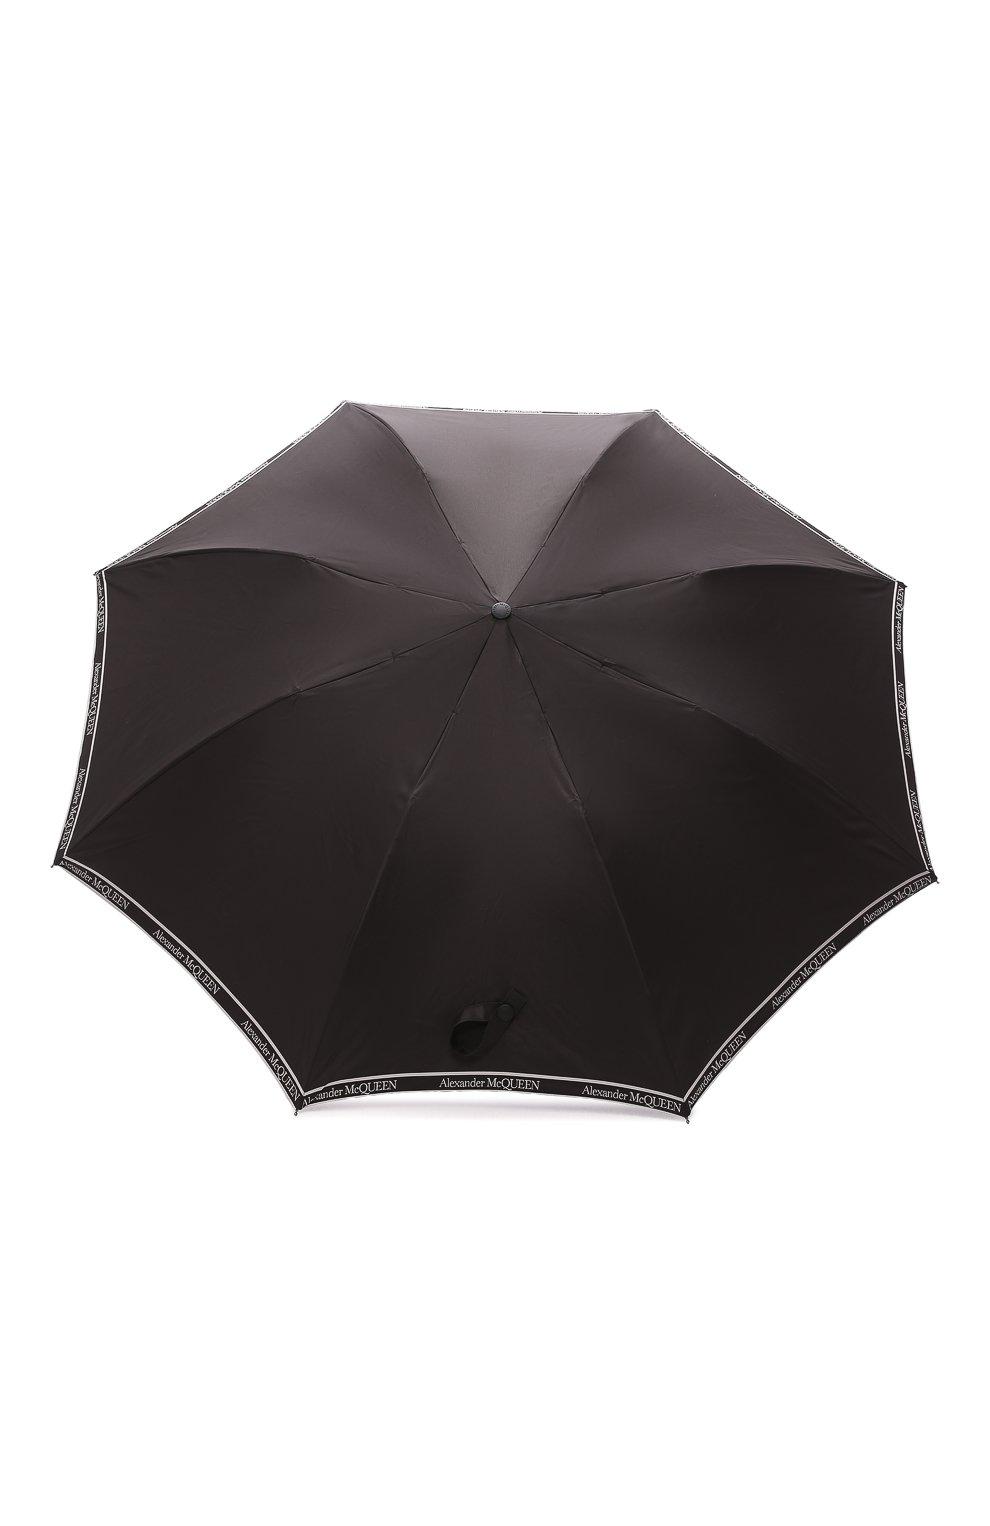 Мужской складной зонт ALEXANDER MCQUEEN черно-белого цвета, арт. 557708/4A37Q   Фото 1 (Материал: Текстиль)